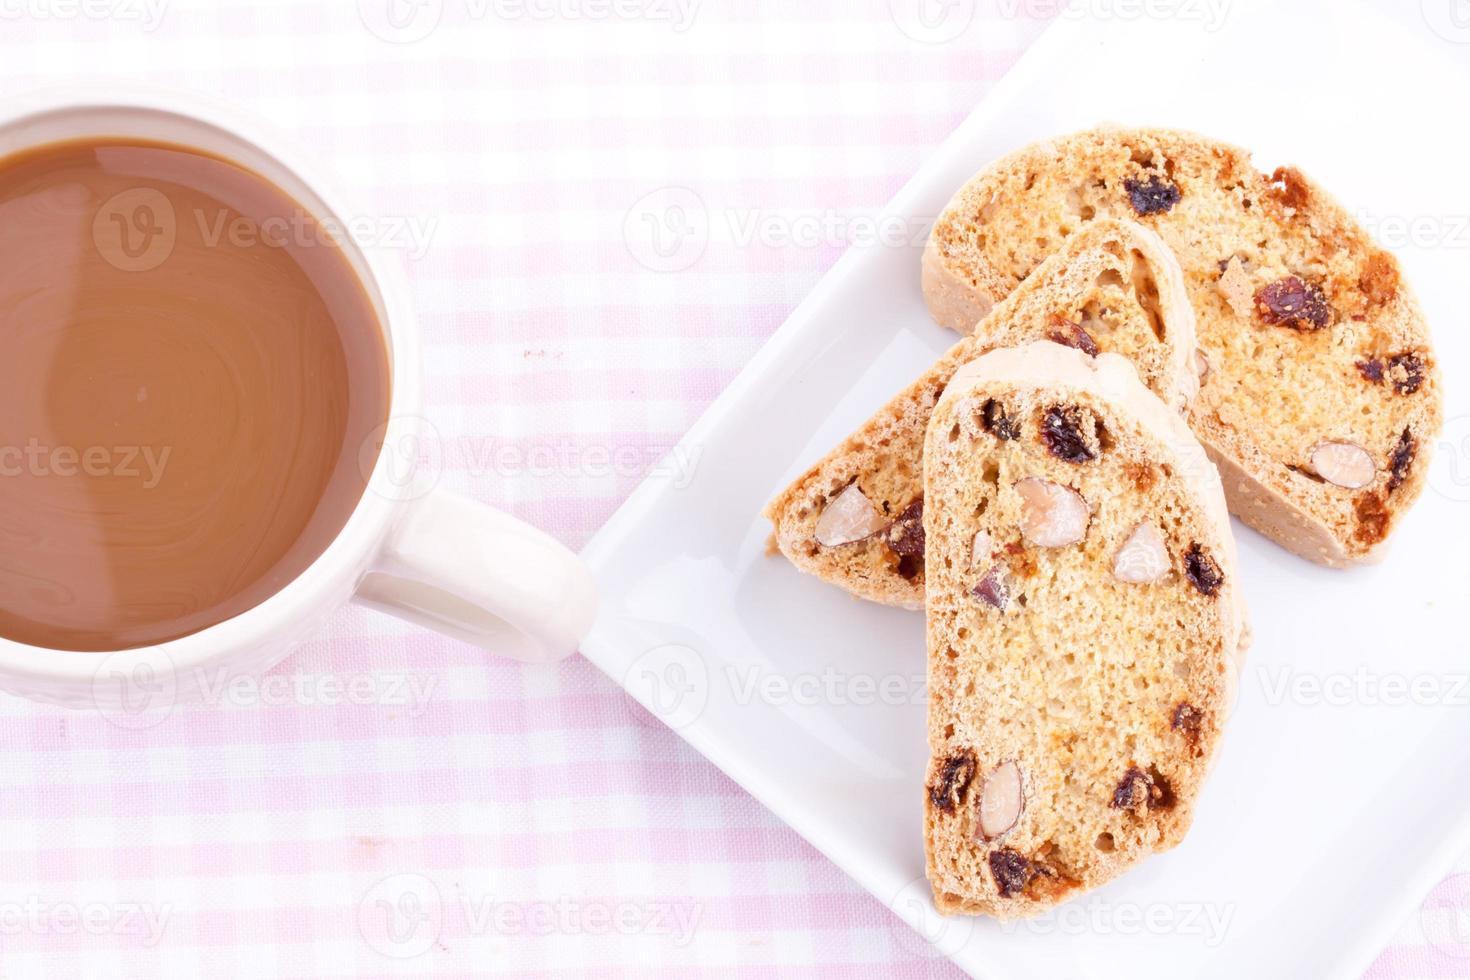 biscotti con café foto